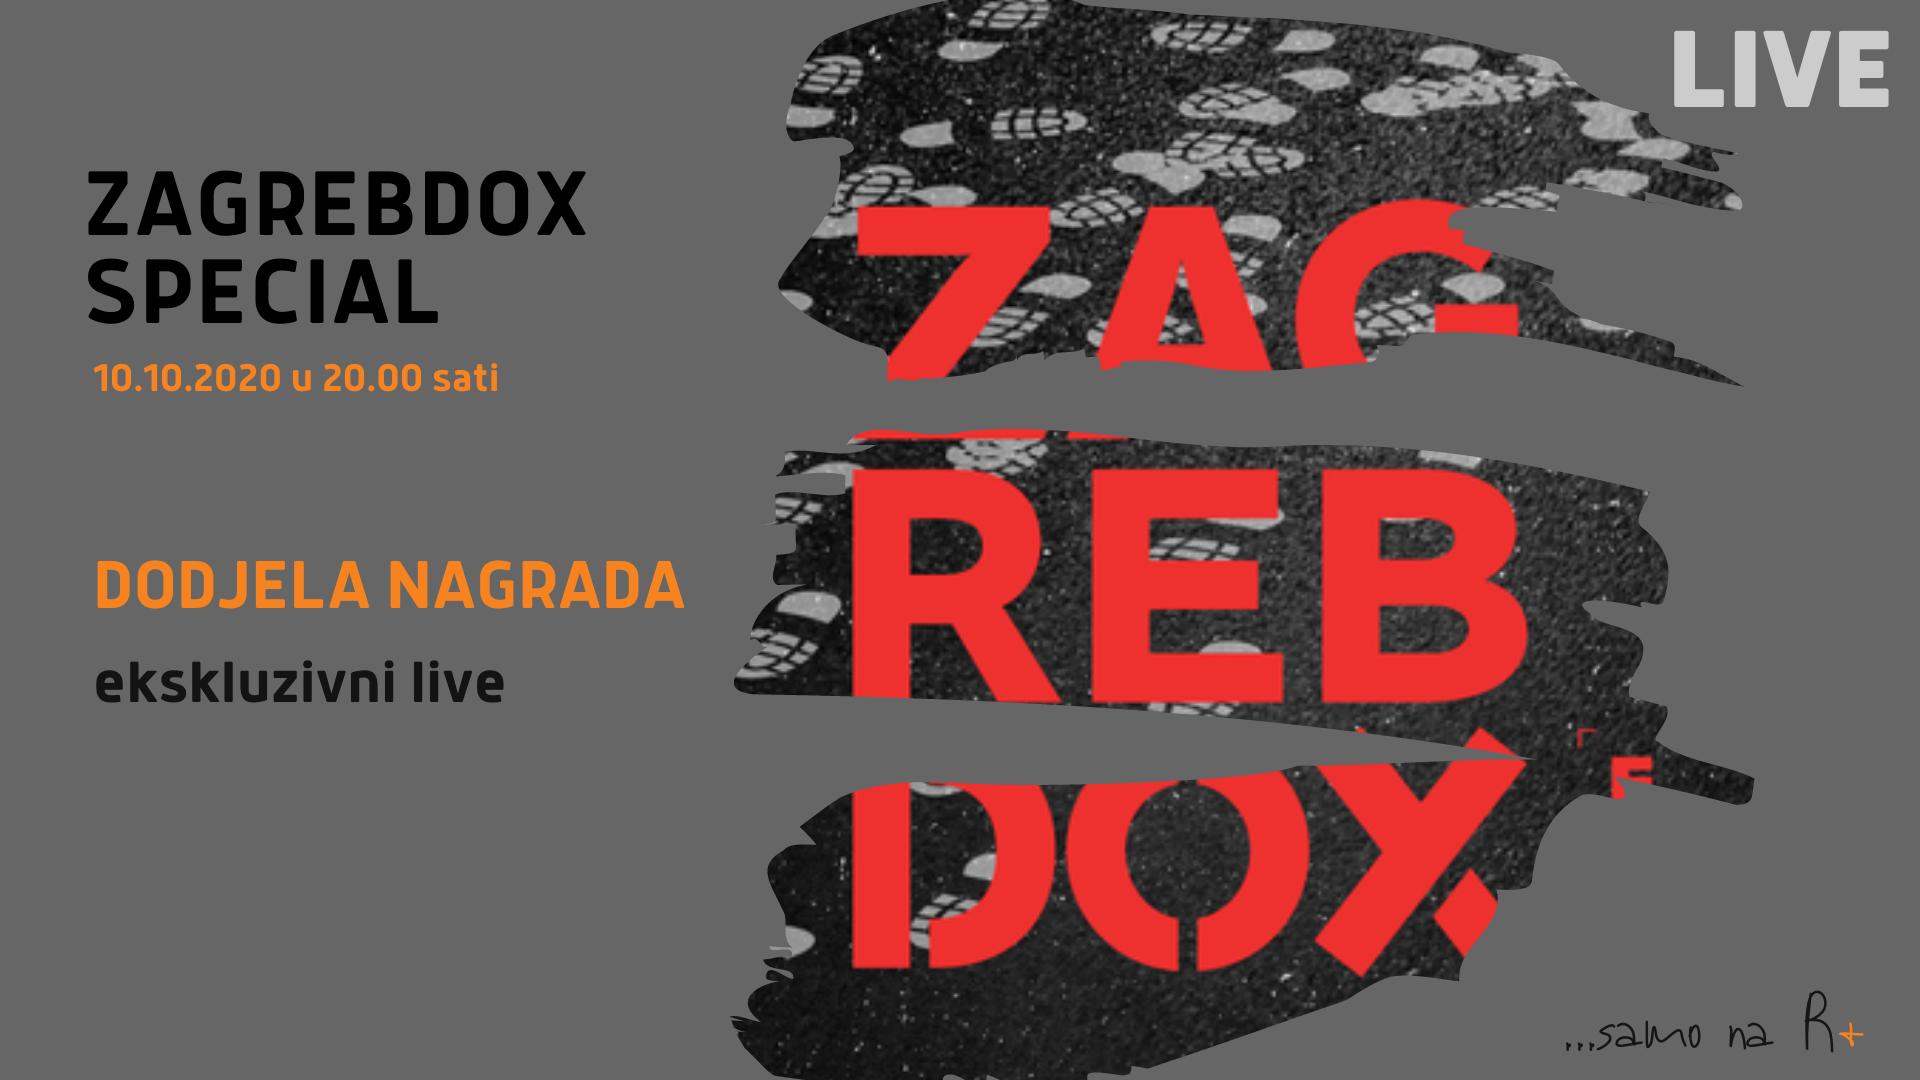 R+: ZagrebDox Special: Dodjela nagrada | Ekskluzivni live